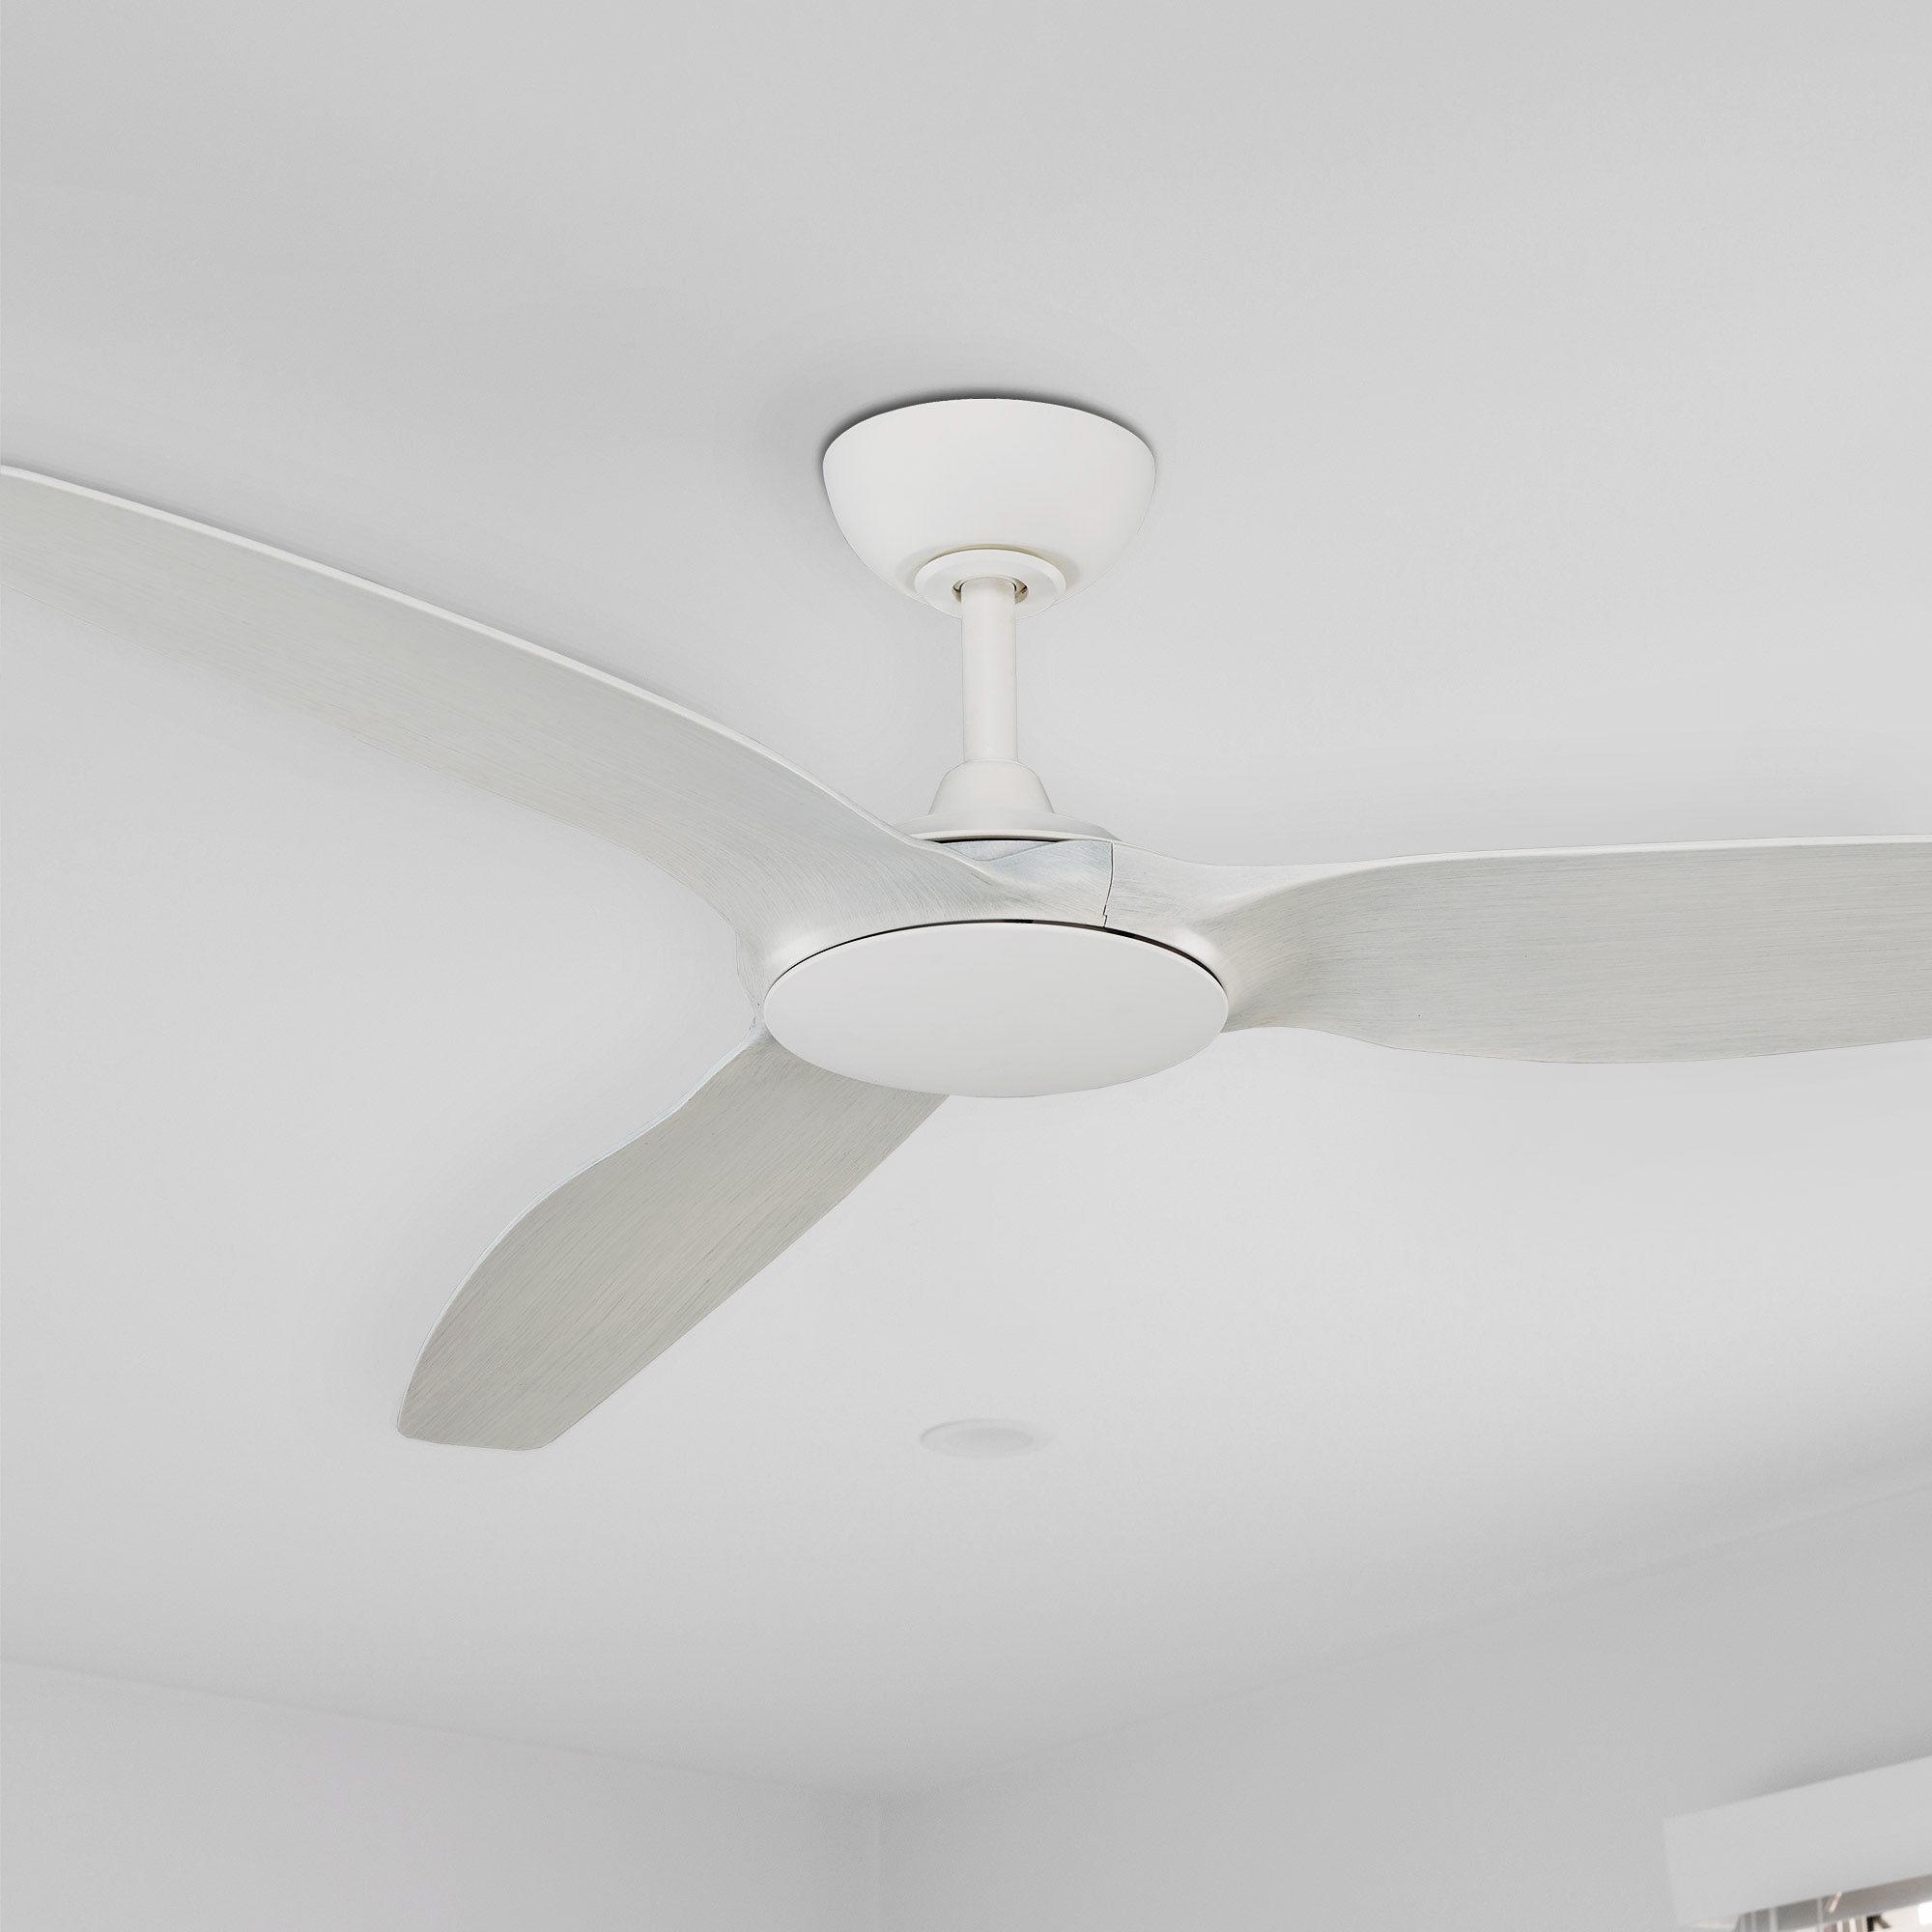 Flume Ceiling Fan White Wash